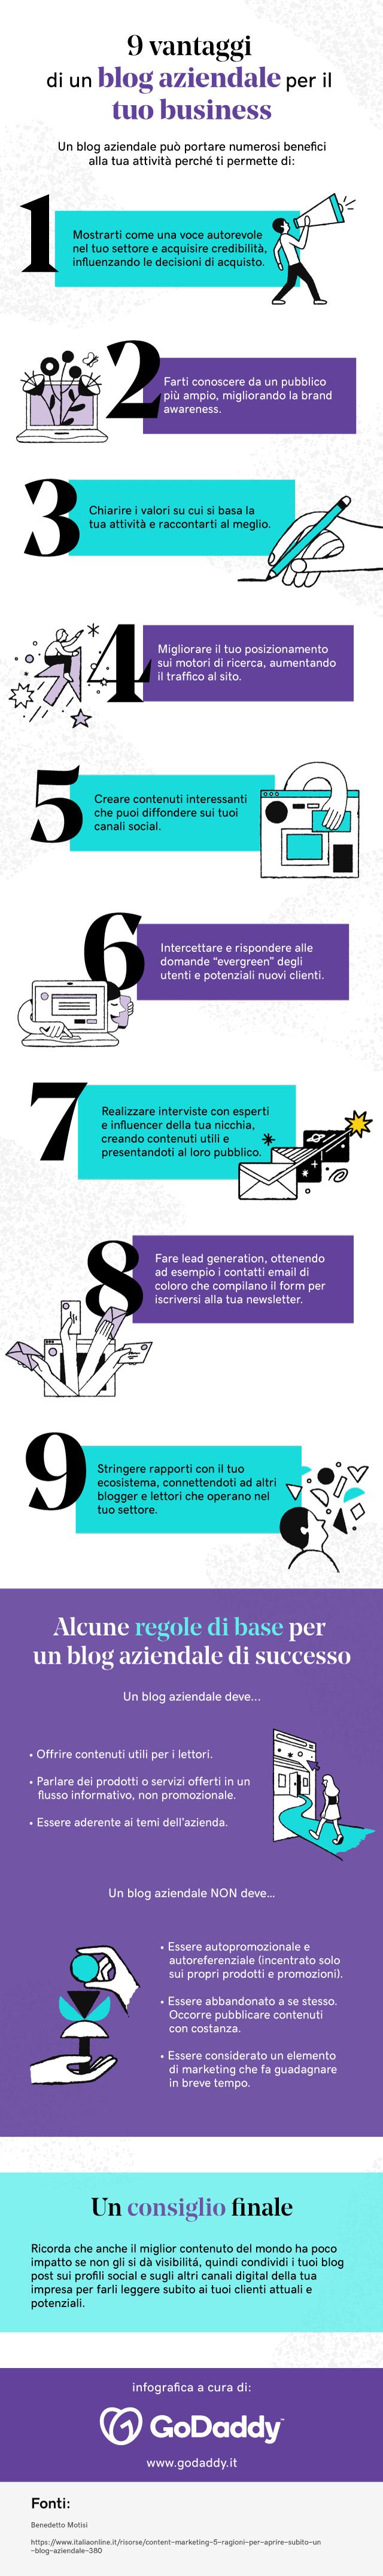 Infografica sui vantaggi di un blog aziendale